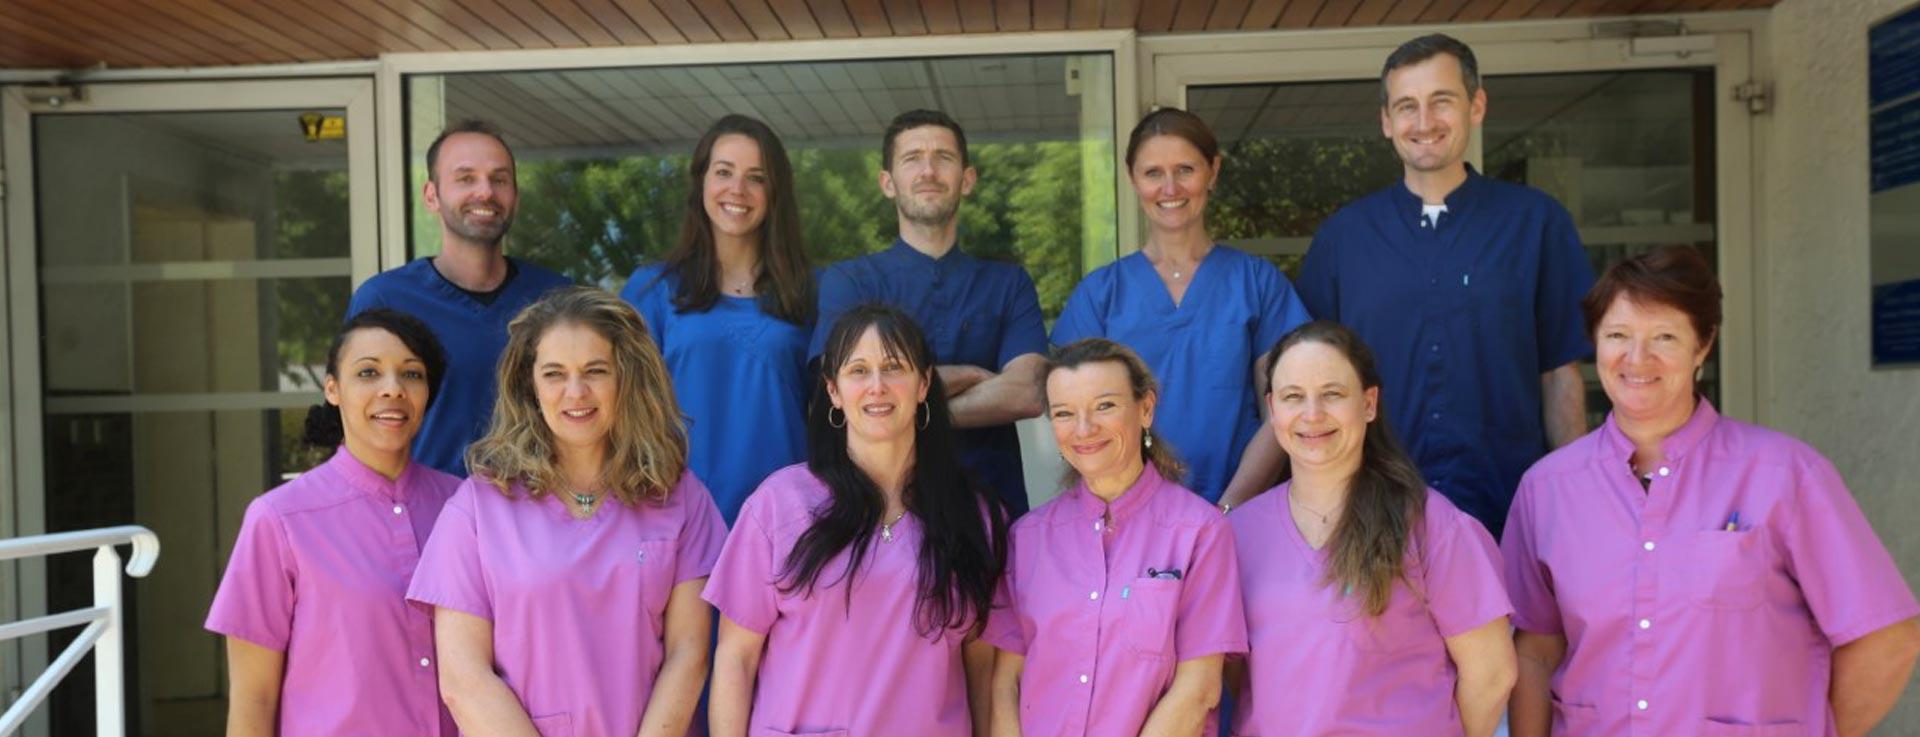 équipe vétérinaire clinique stalingrad